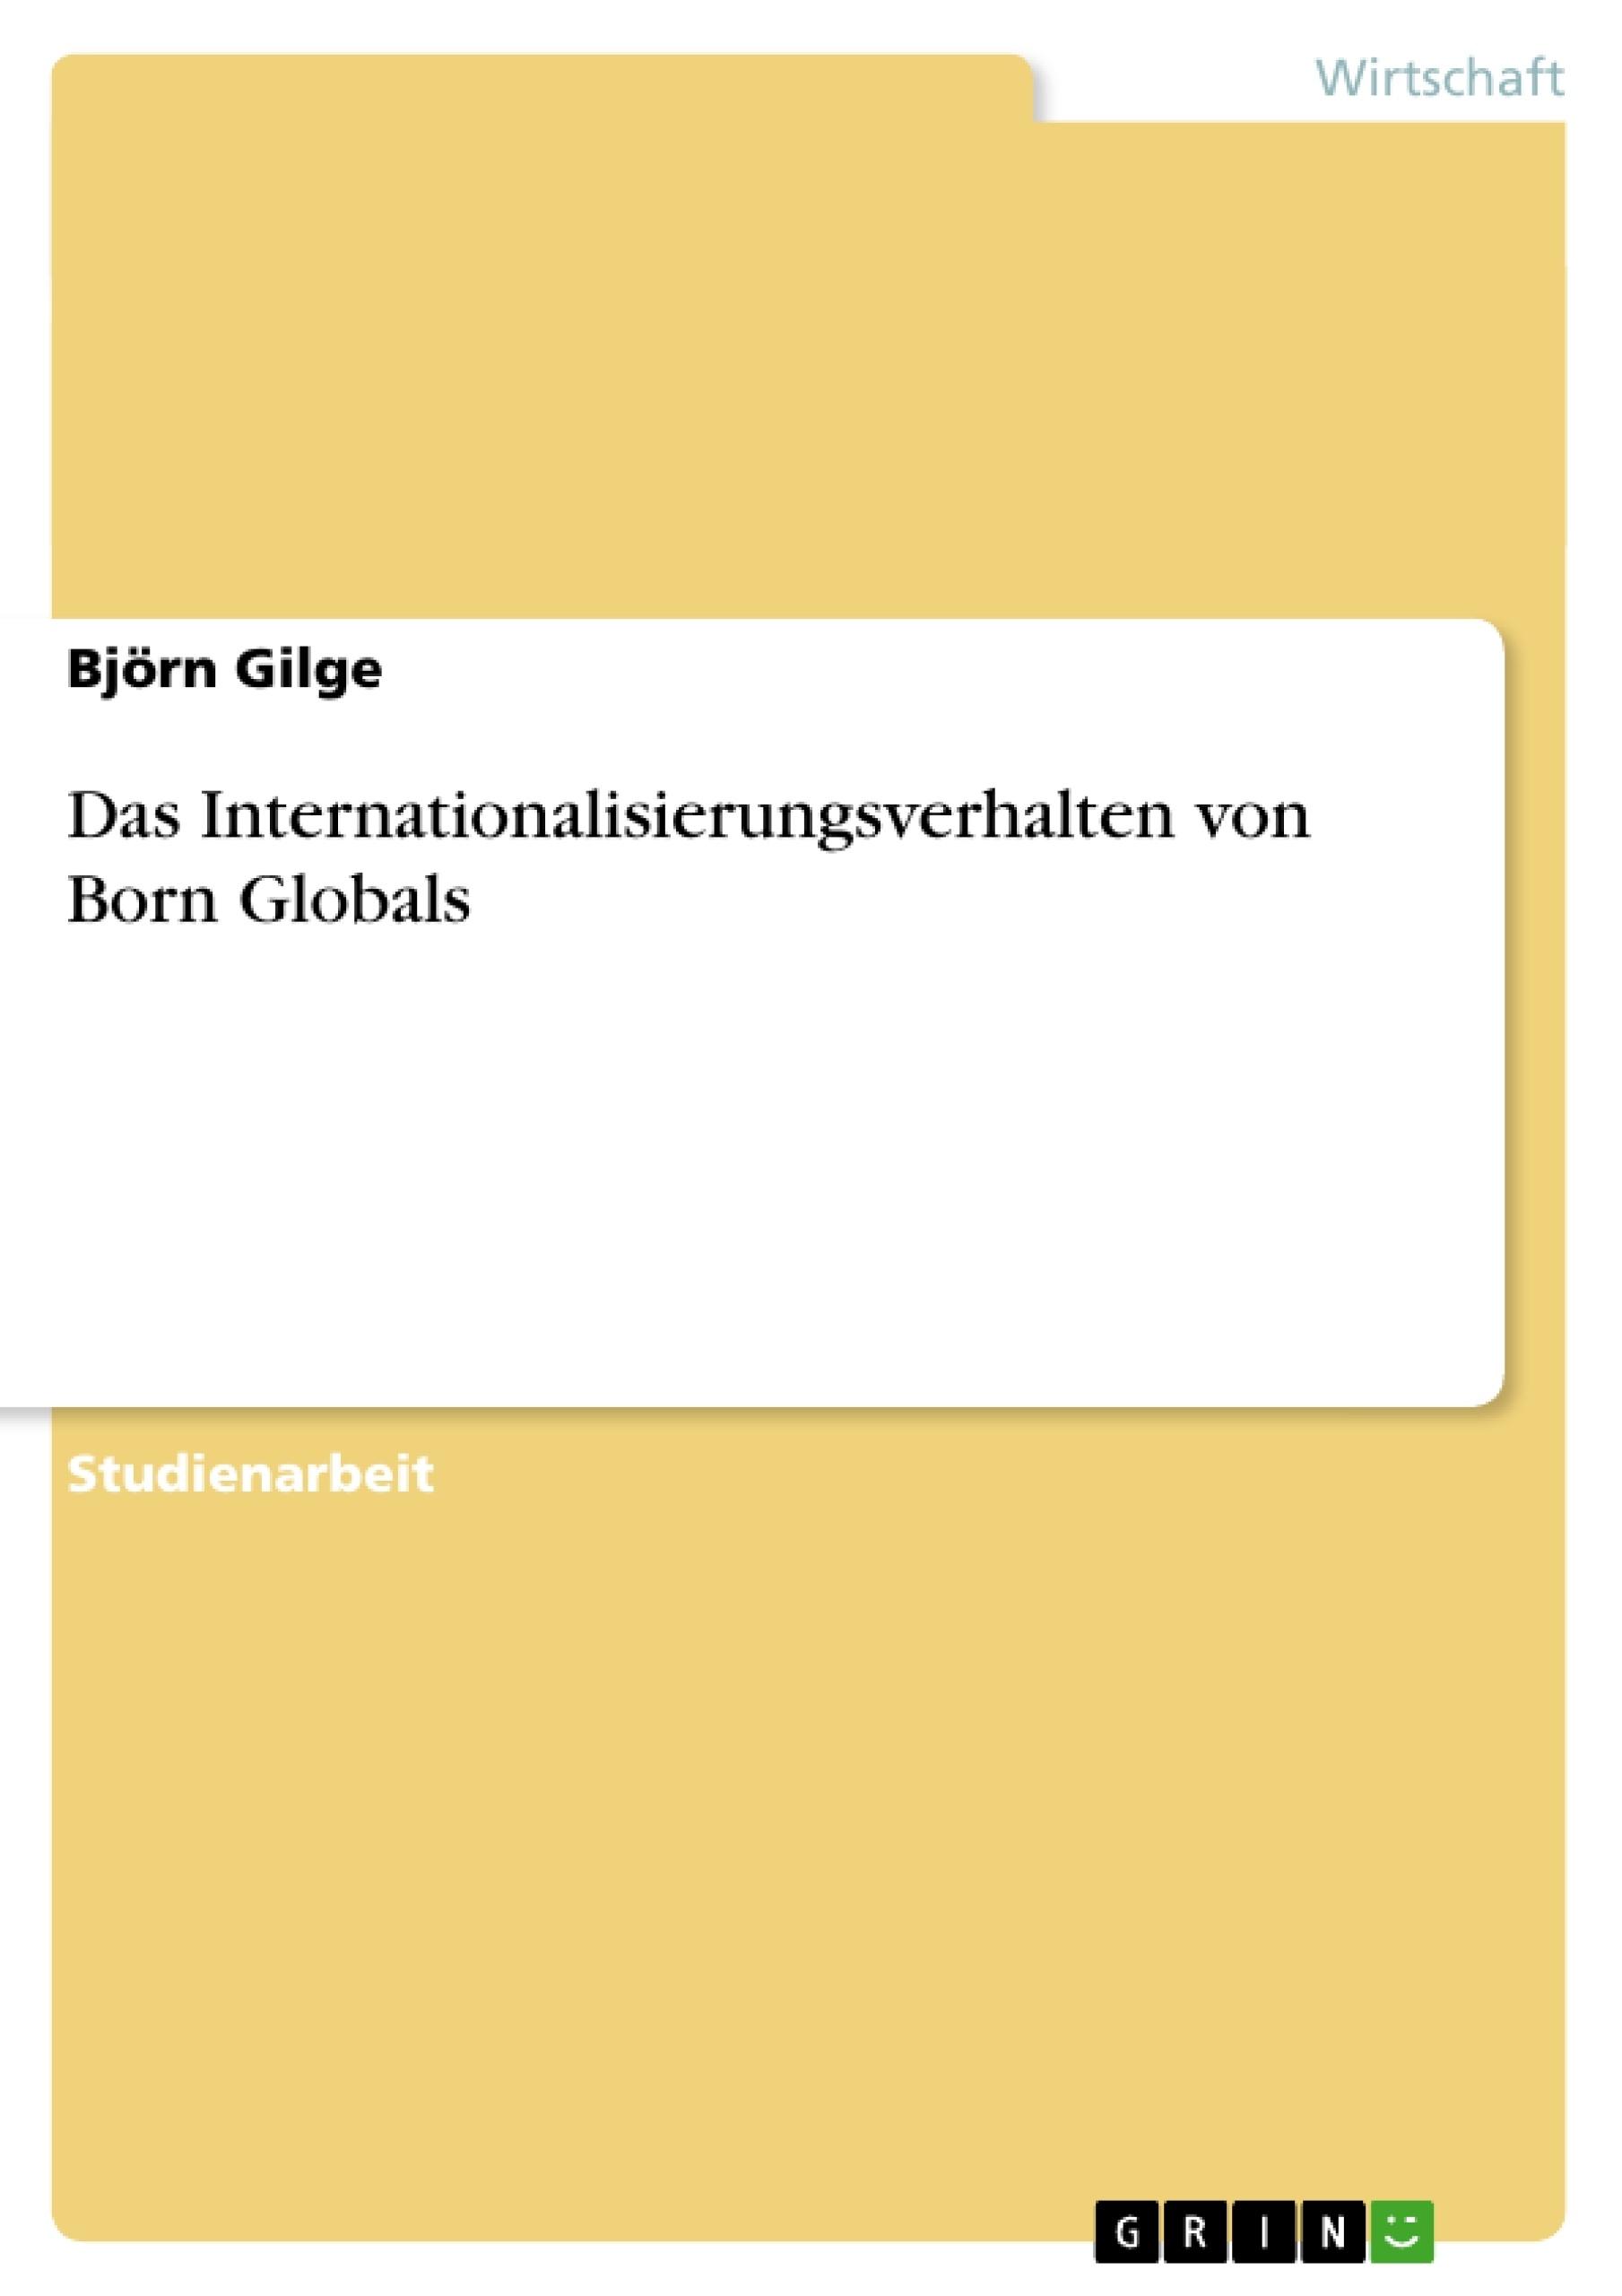 Titel: Das Internationalisierungsverhalten von Born Globals